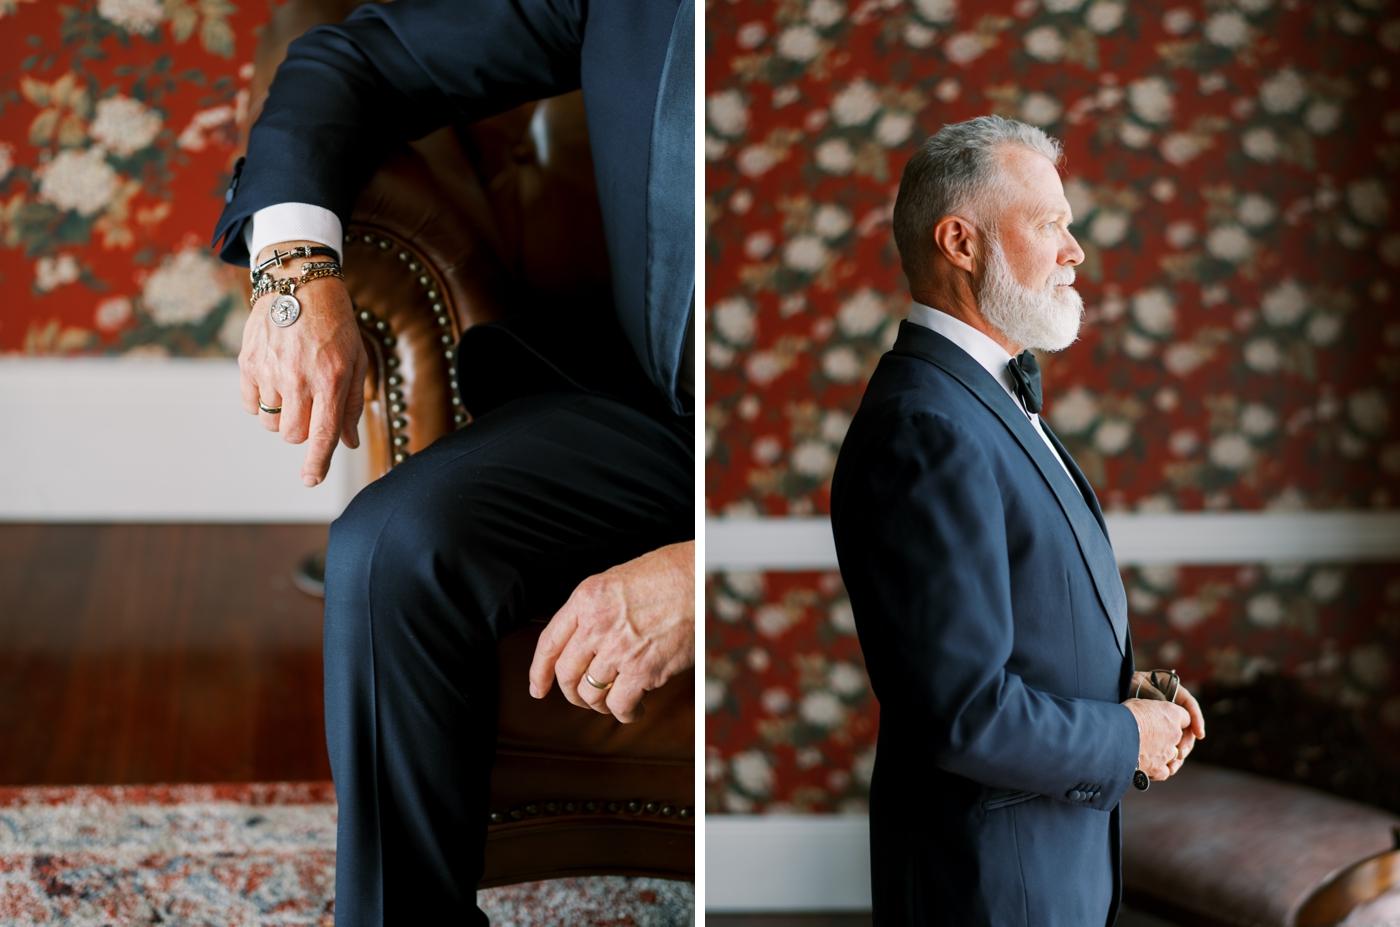 wedding groom photography